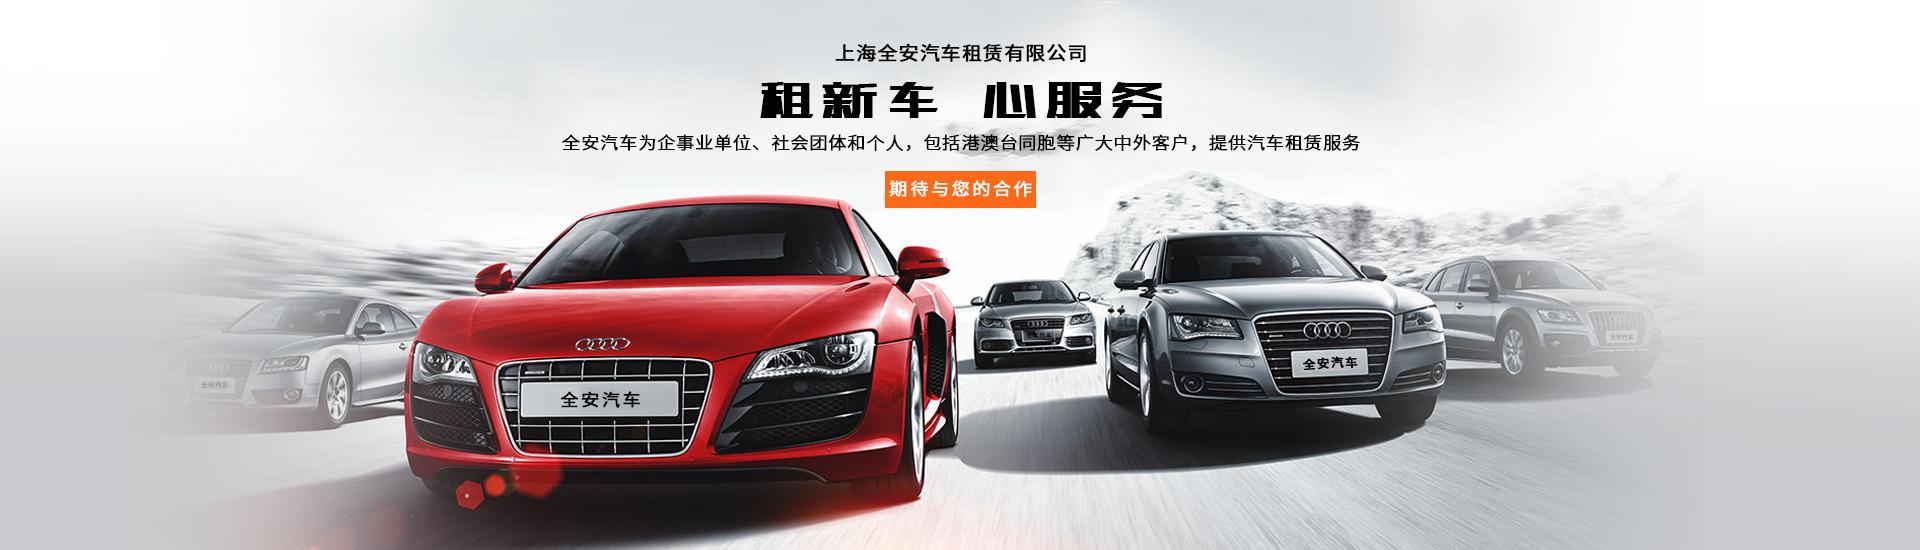 上海全安汽車租賃有限公司